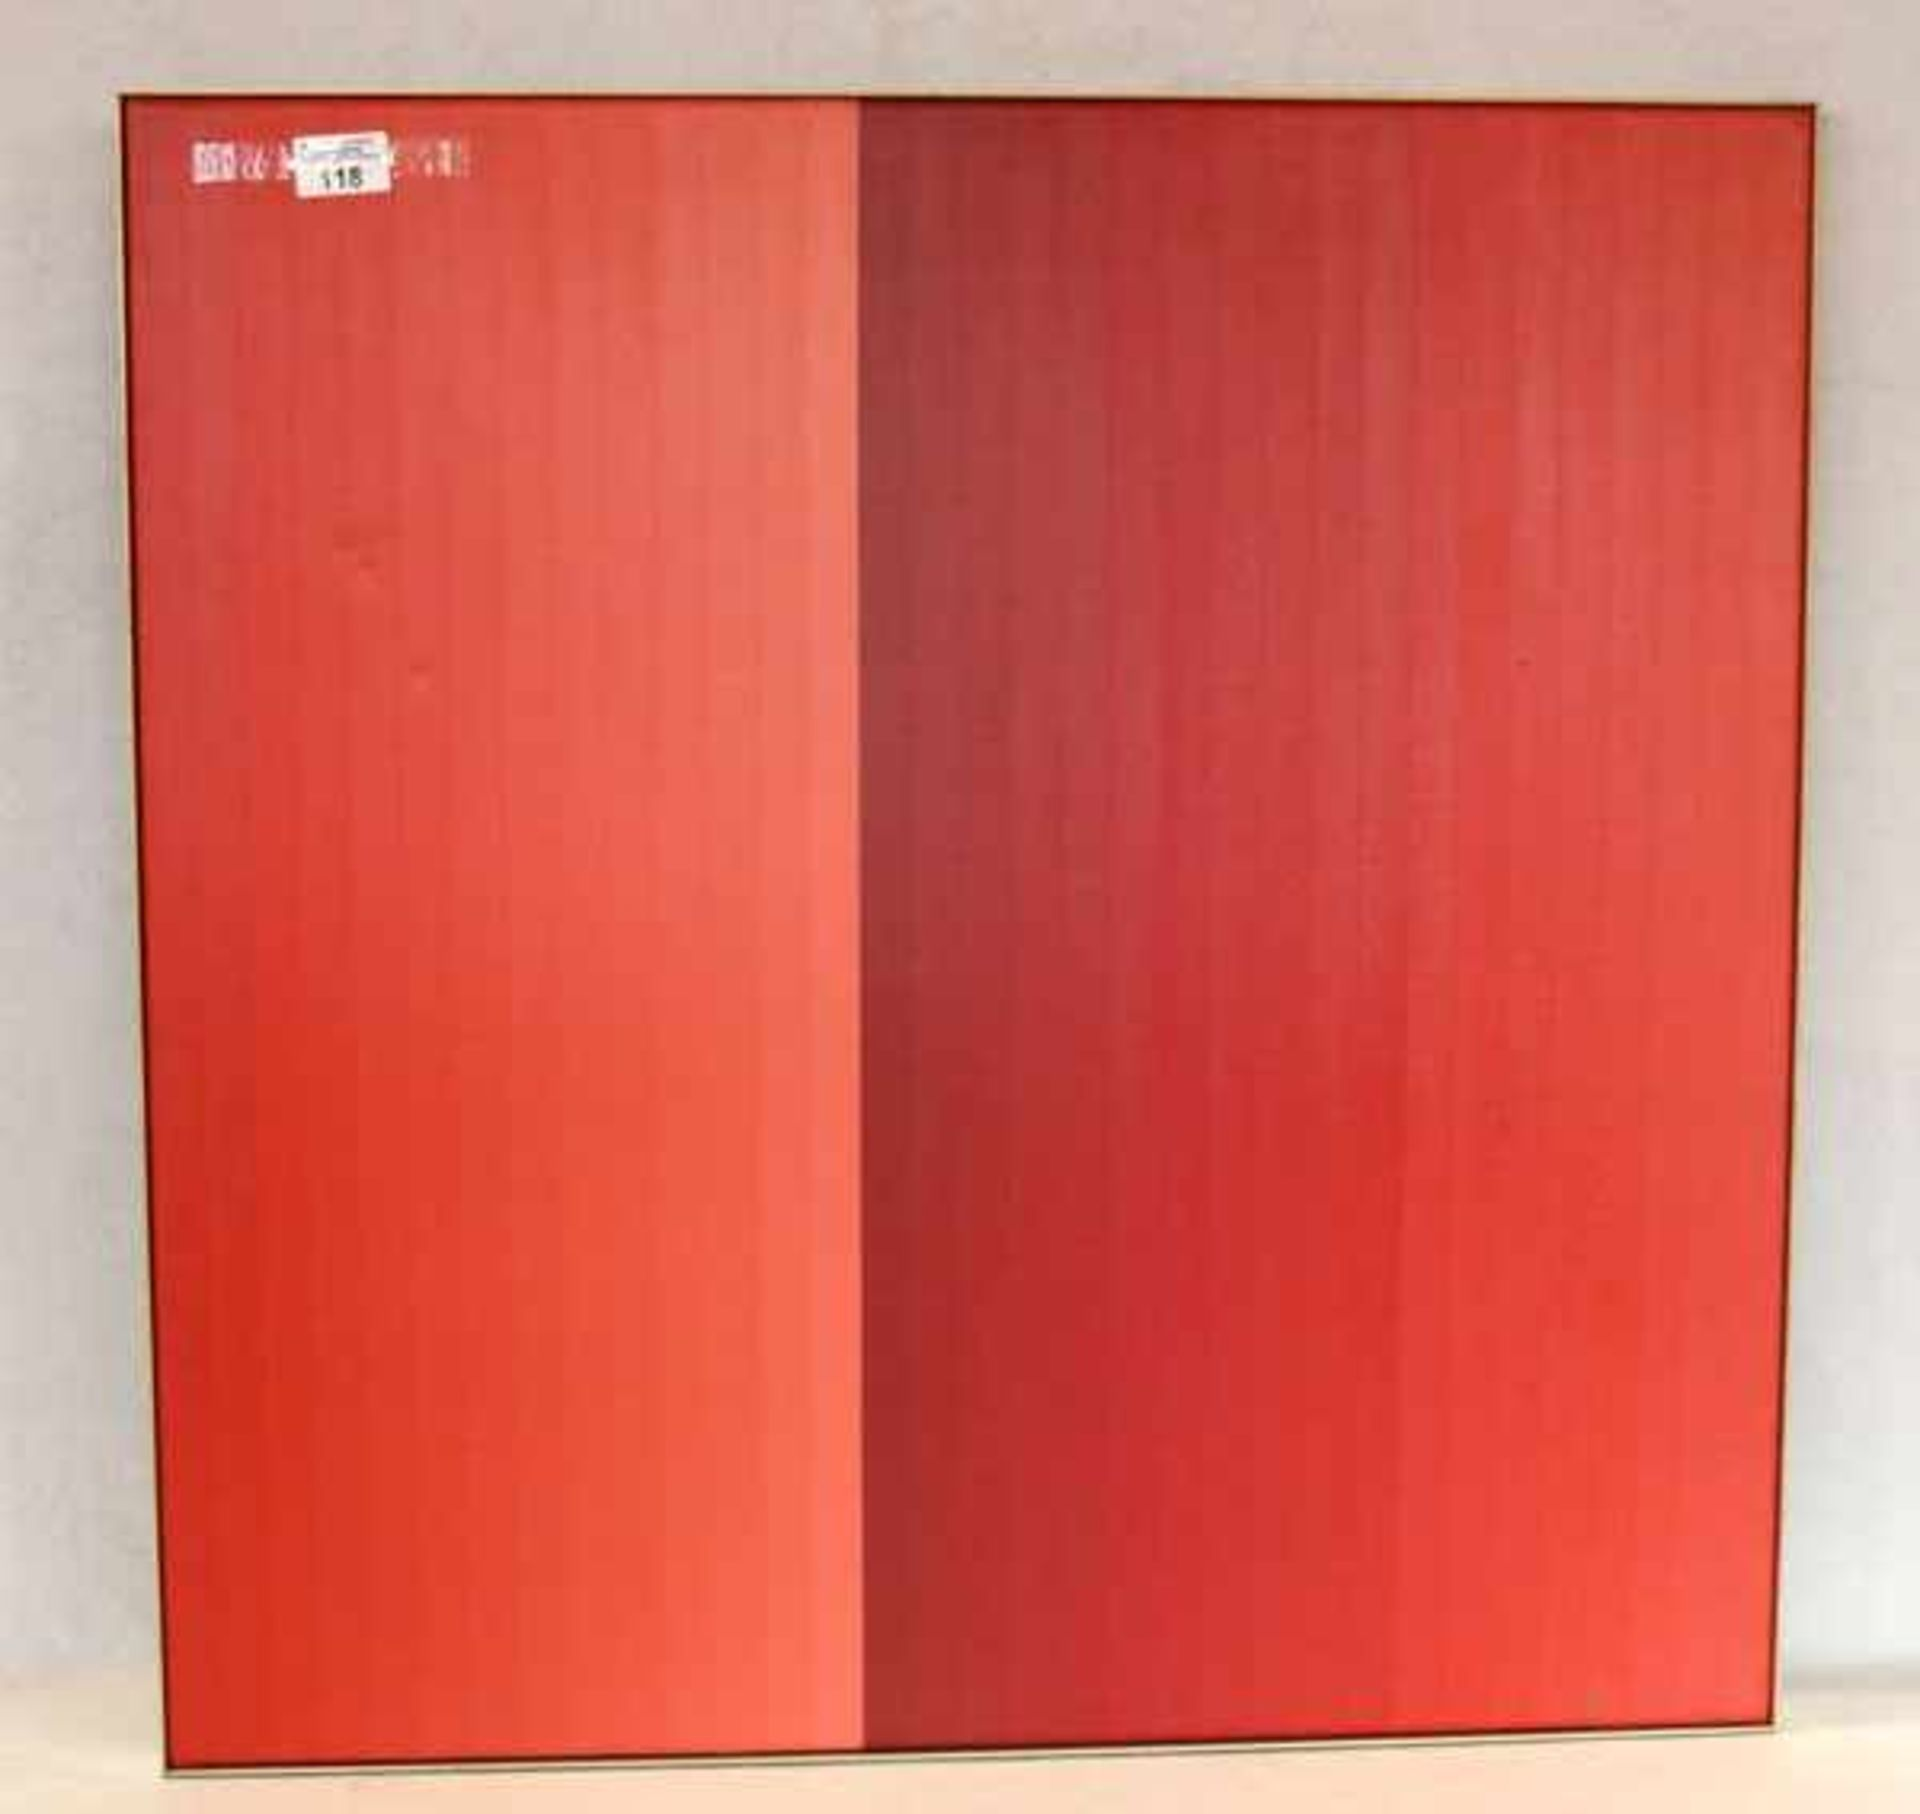 Gemälde ÖL/LW 'Rote Streifen', rückseitig undeutlich signiert, gerahmt, incl. Rahmen 71 cm x 71 cm